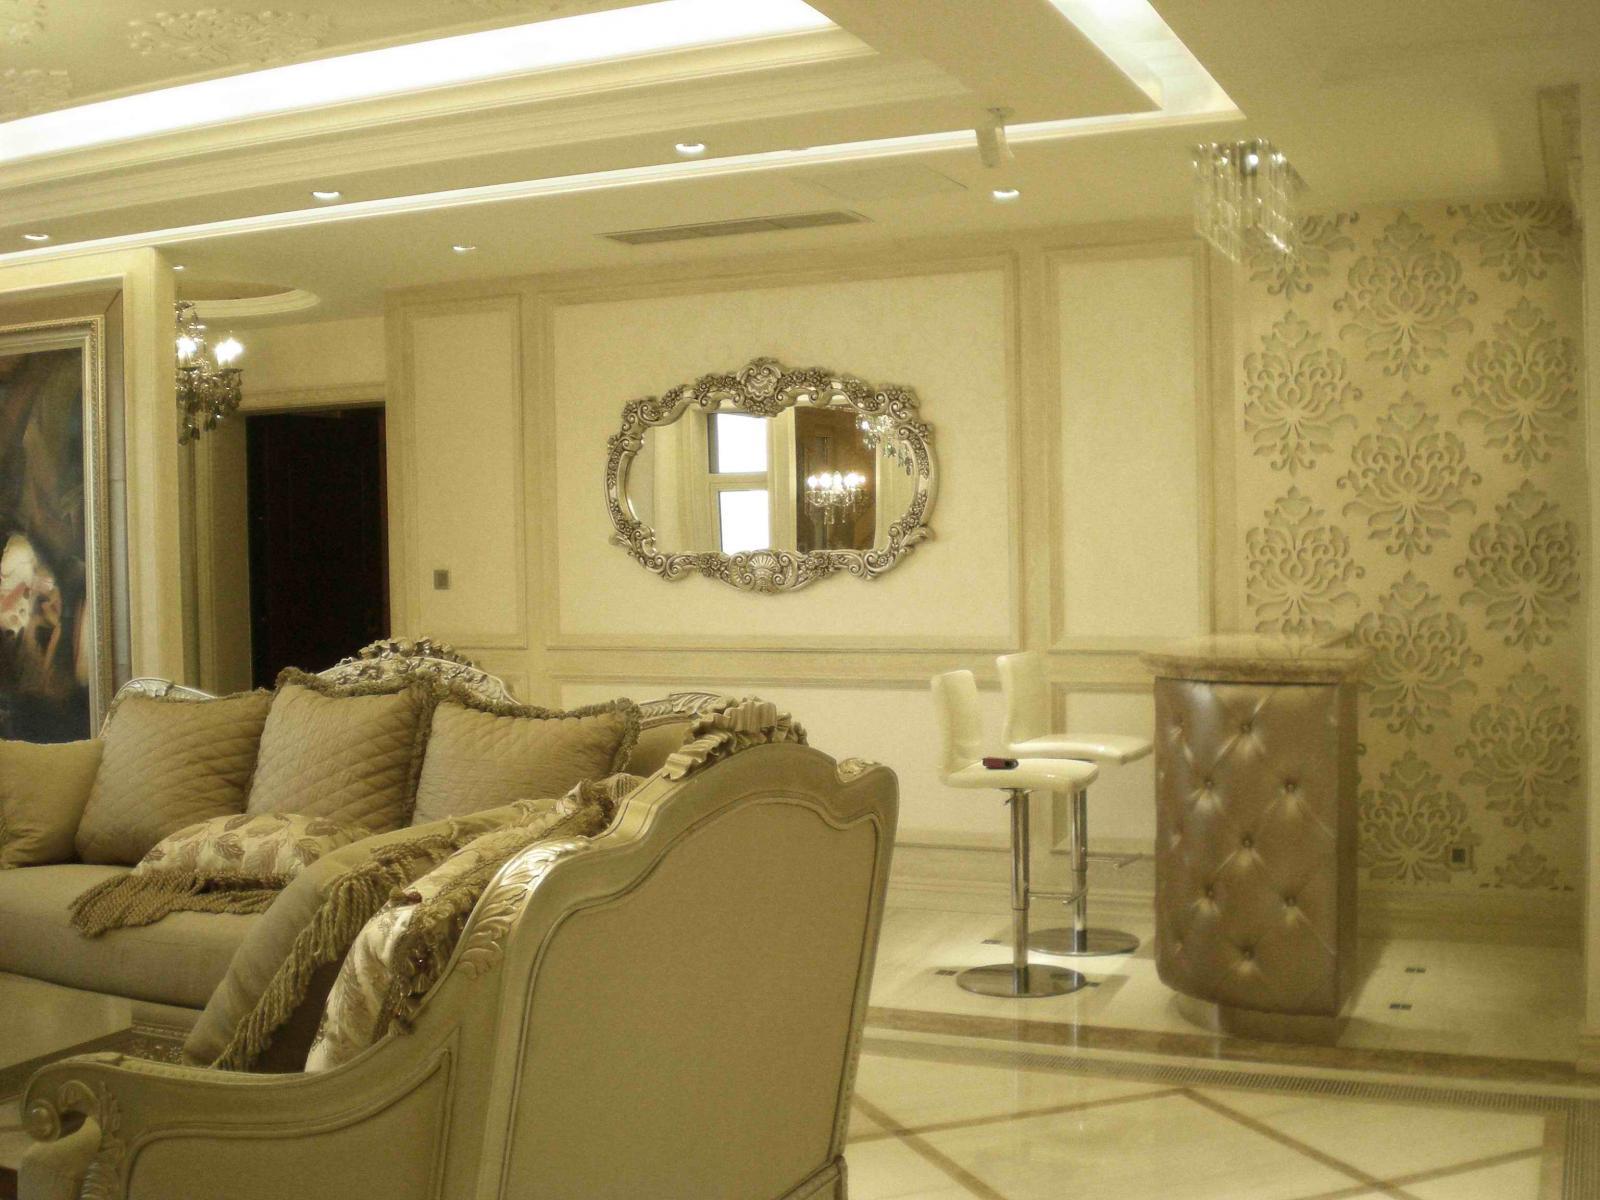 大户型欧式风格客厅沙发背景墙_大连明珠住宅-家装设计作品-王跃飞图片